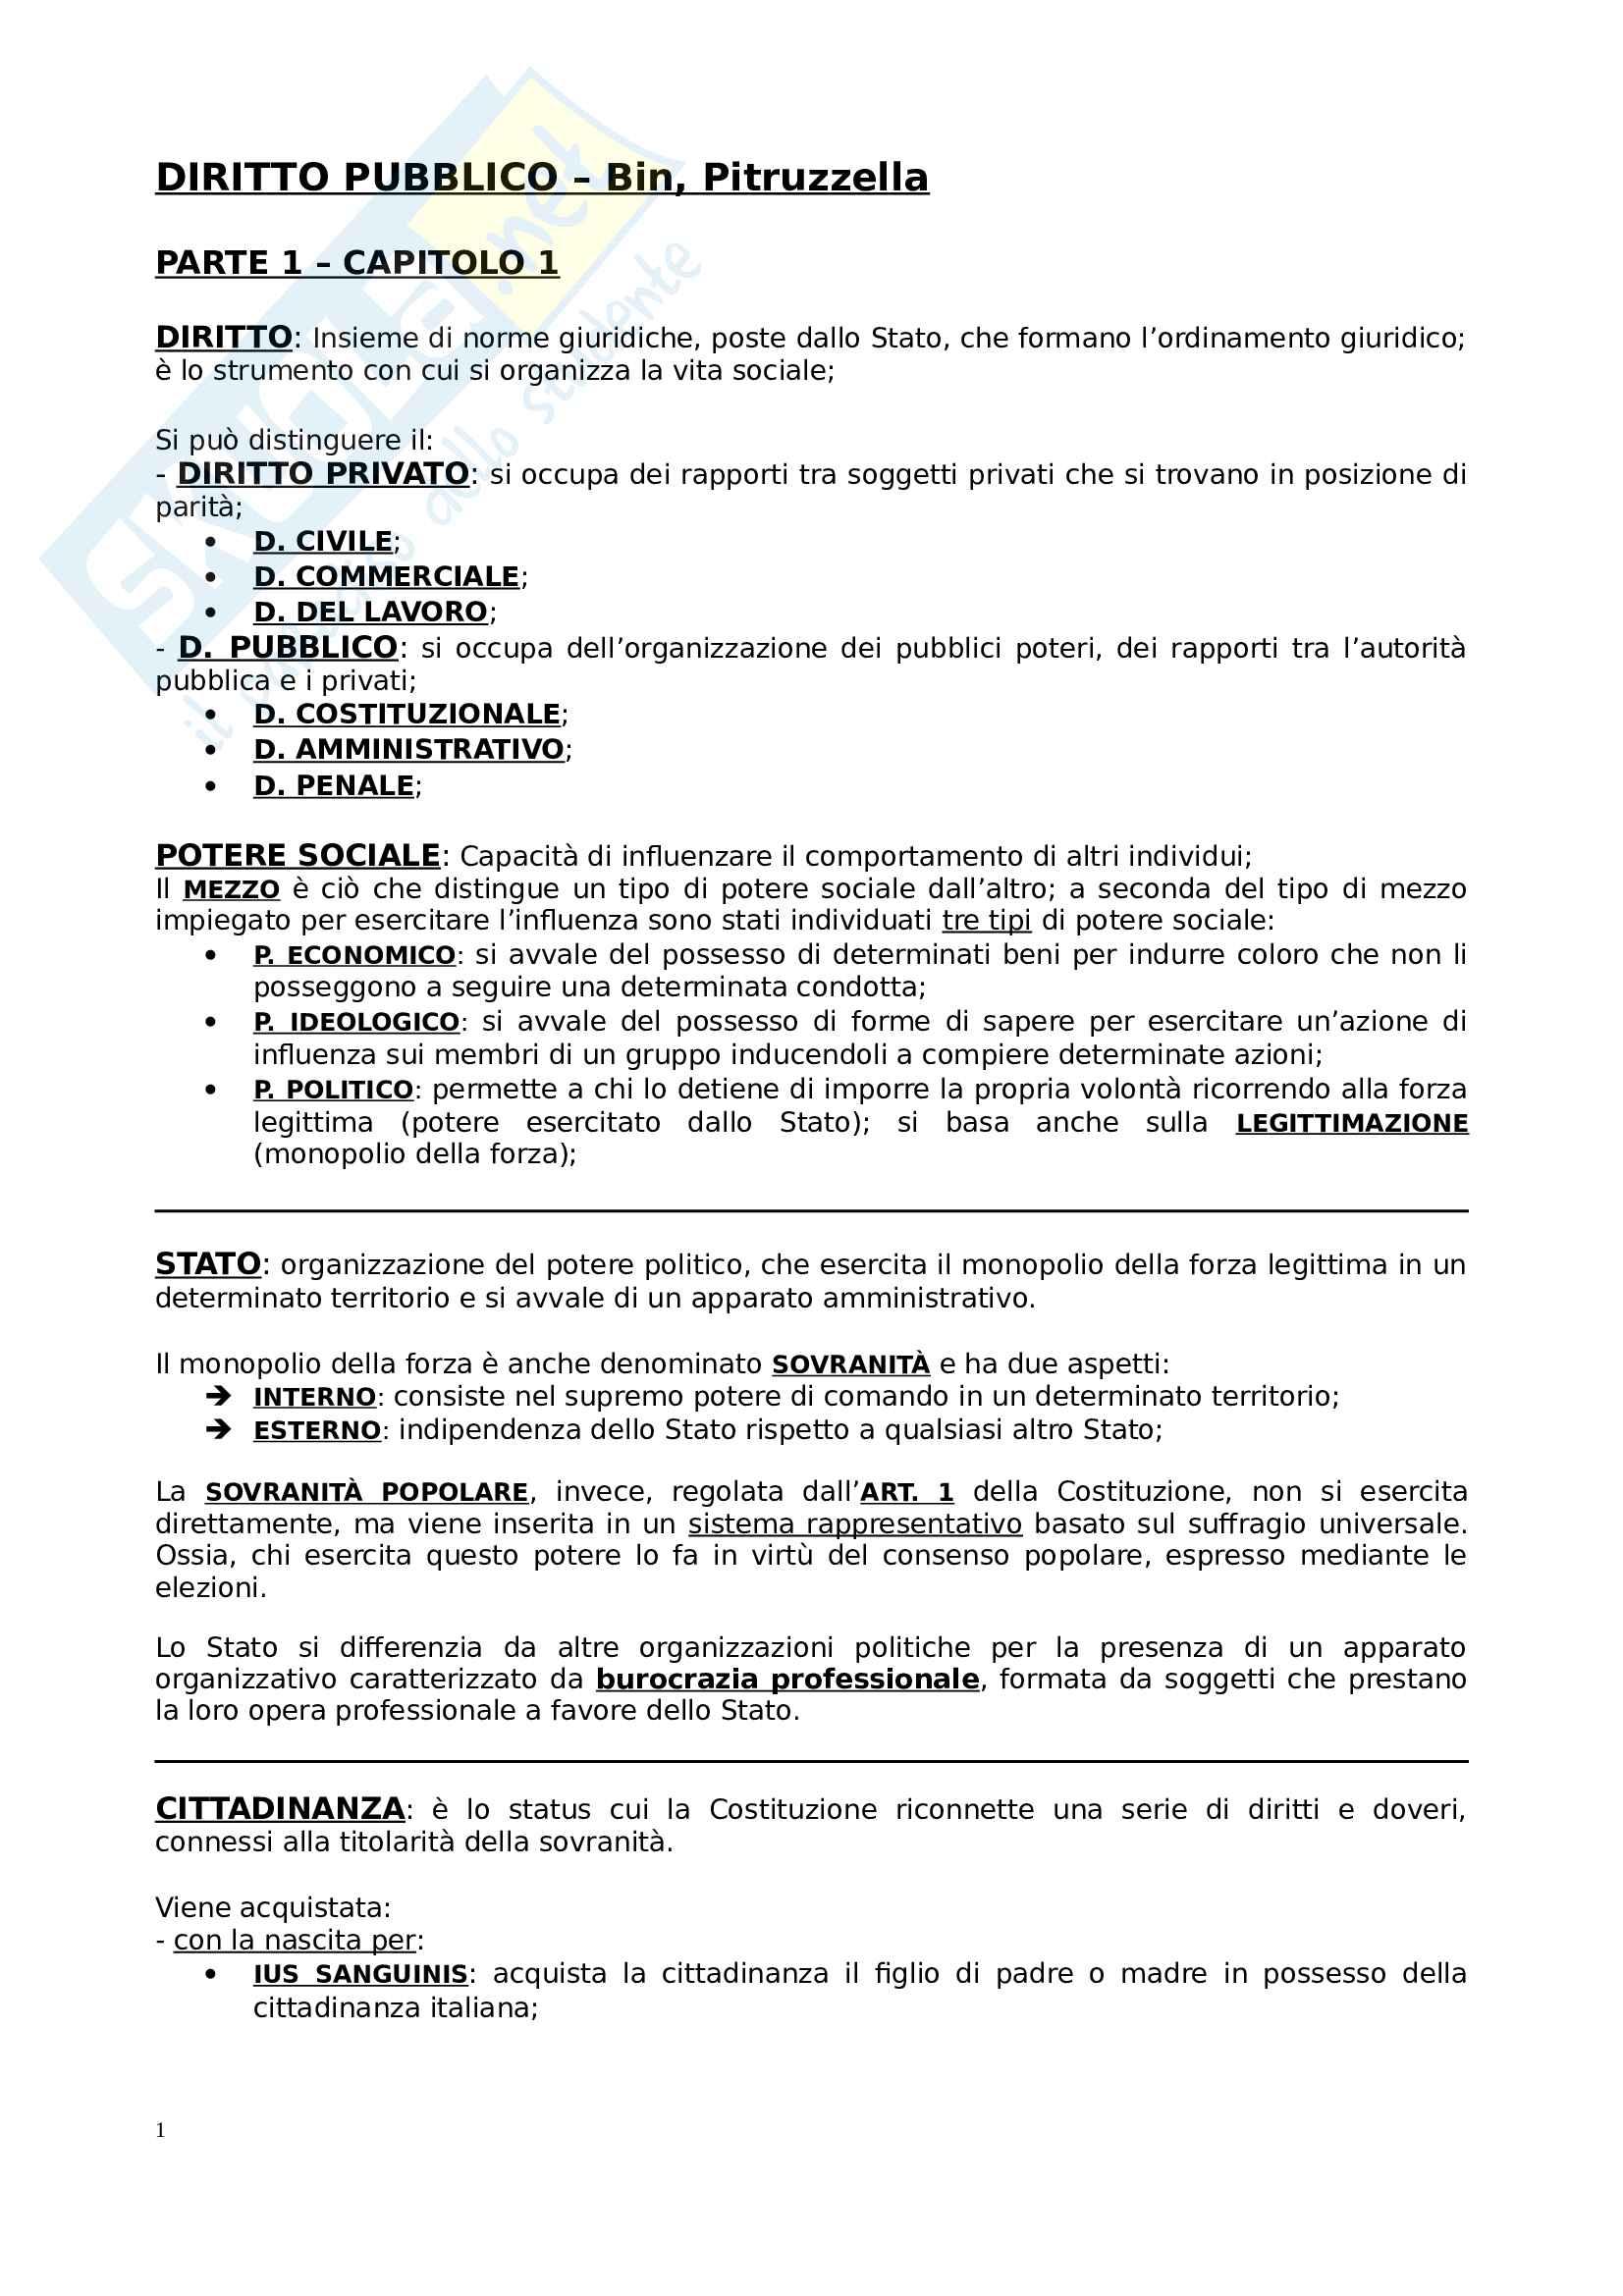 Riassunto esame Istituzioni di diritto pubblico, prof. Di Plinio, libro consigliato Diritto Pubblico, Bin Pitruzzella